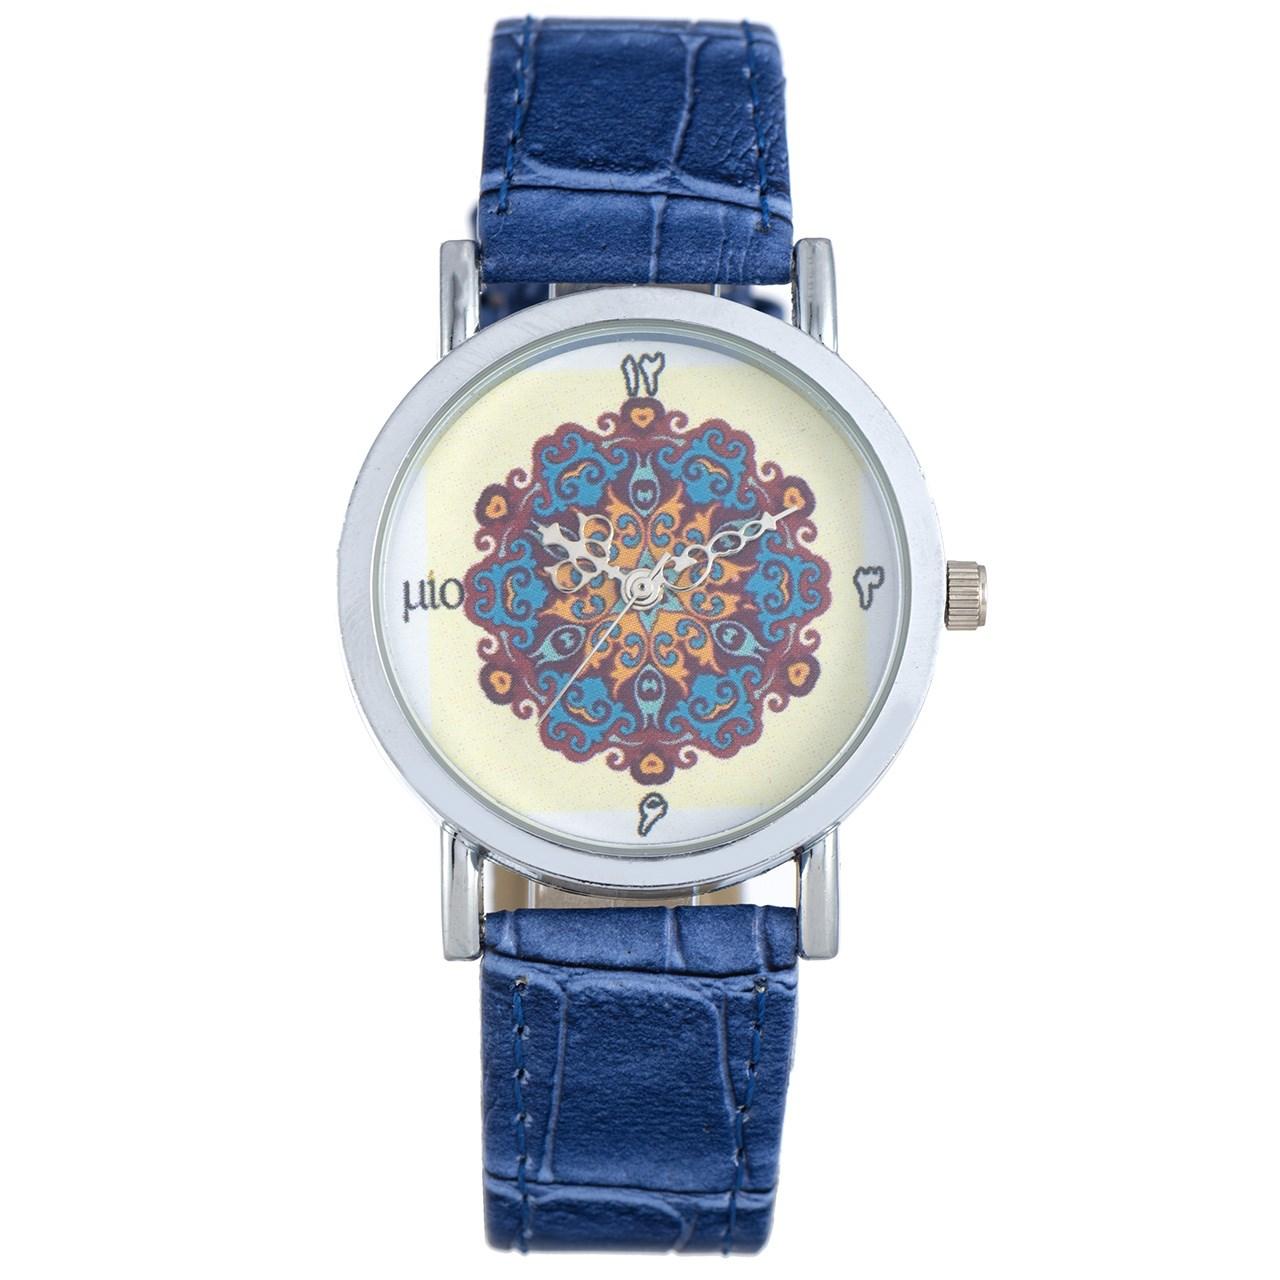 ساعت دست ساز زنانه میو مدل 672 48